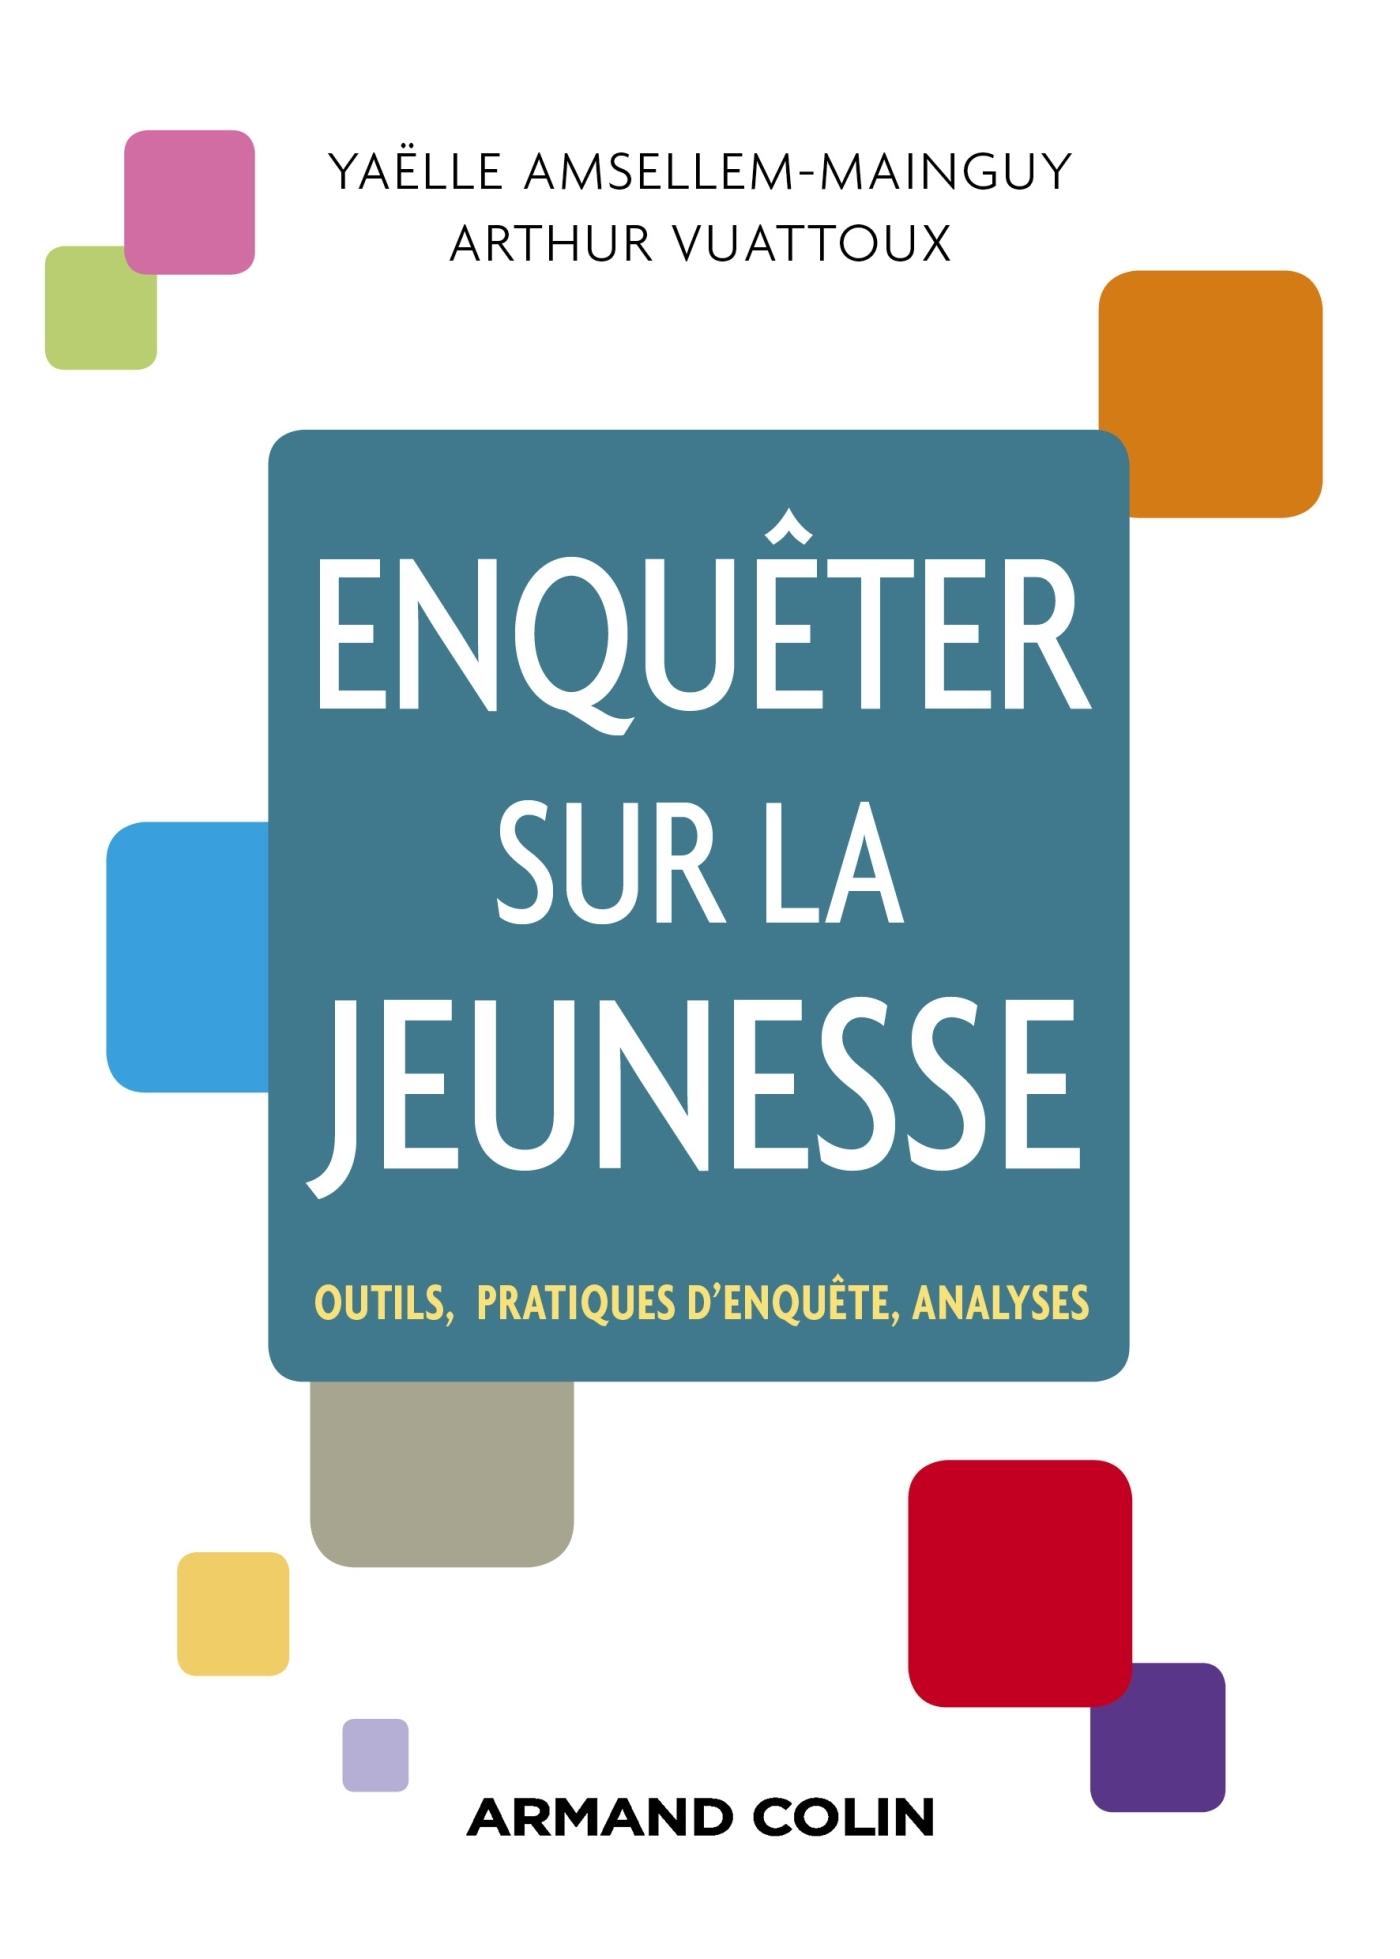 ENQUETER SUR LA JEUNESSE - OUTILS, PRATIQUES D'ENQUETE, ANALYSES